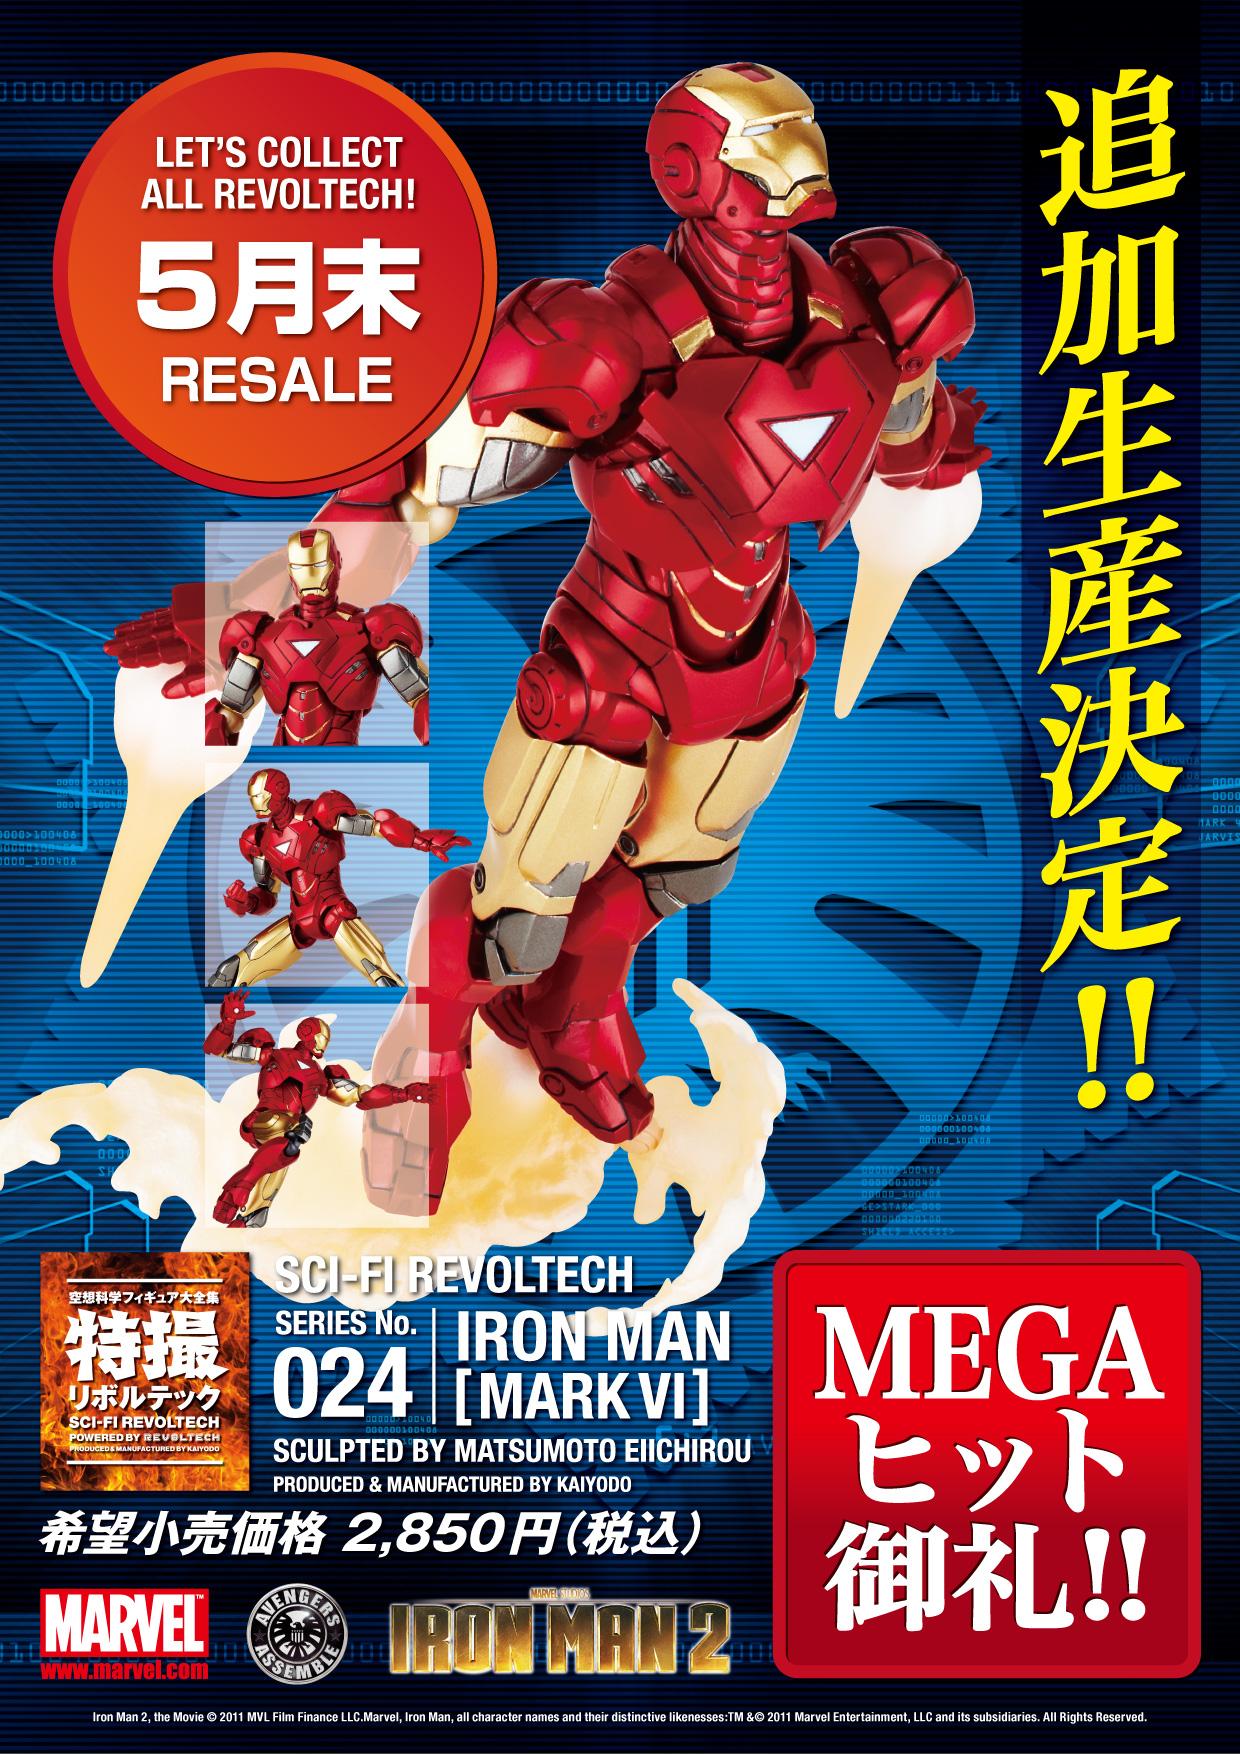 アイアンマン6再販決定!!